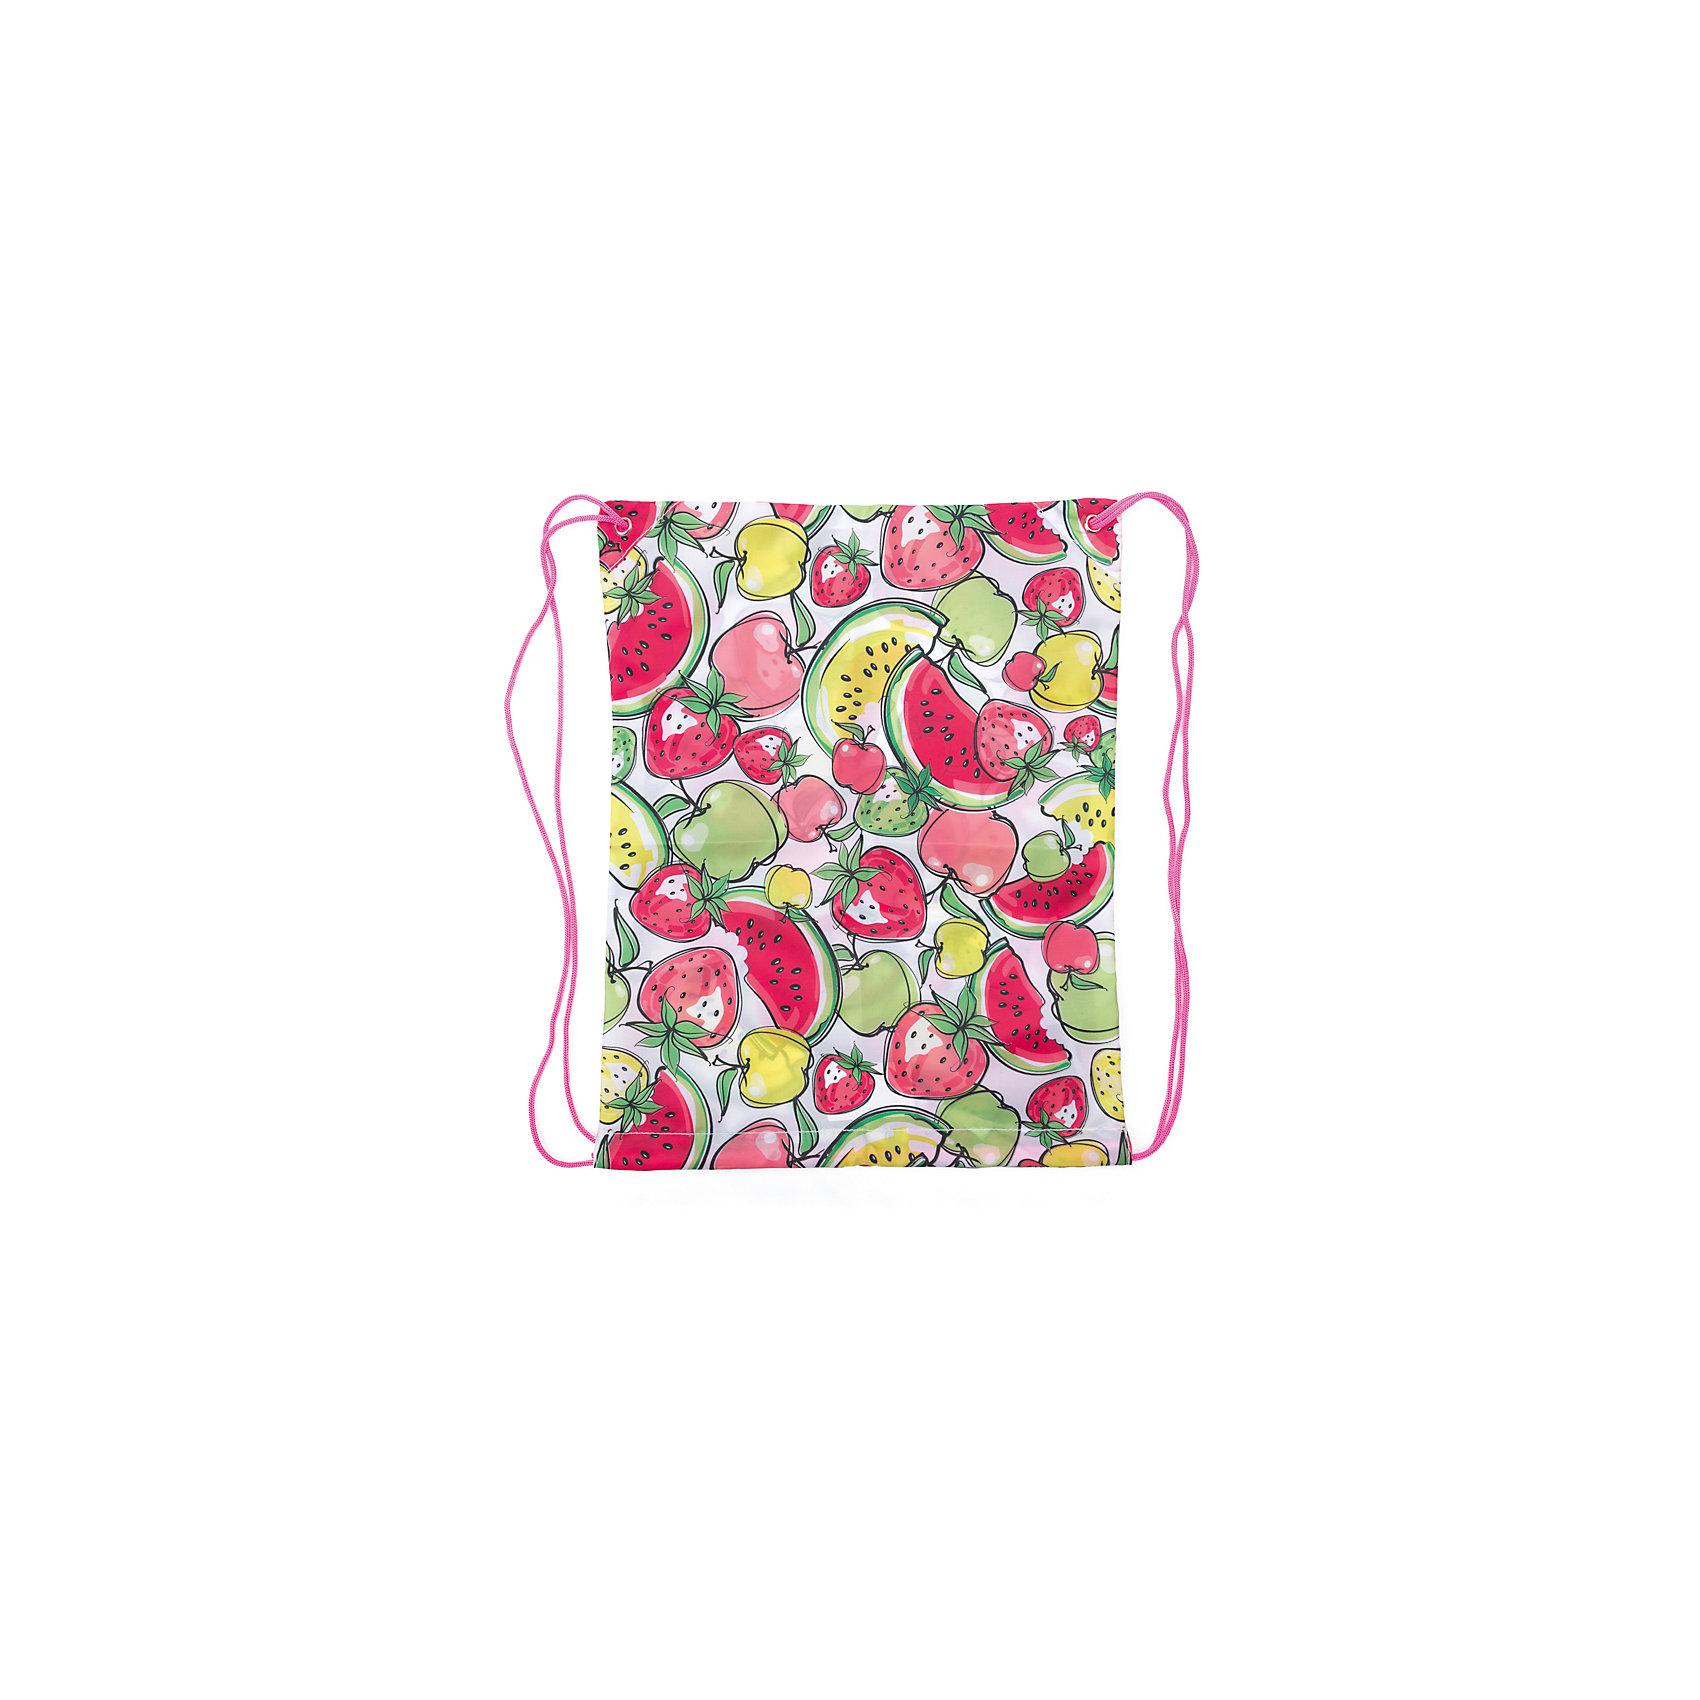 Сумка для девочки PlayTodayСумка для девочки PlayToday<br>Стильный рюкзак для девочки. Верх утягивается шнурком. Украшен стильной надписью.<br>Состав:<br>Верх: 100% полиэстер<br><br>Ширина мм: 170<br>Глубина мм: 157<br>Высота мм: 67<br>Вес г: 117<br>Цвет: разноцветный<br>Возраст от месяцев: 60<br>Возраст до месяцев: 144<br>Пол: Женский<br>Возраст: Детский<br>Размер: one size<br>SKU: 5404748